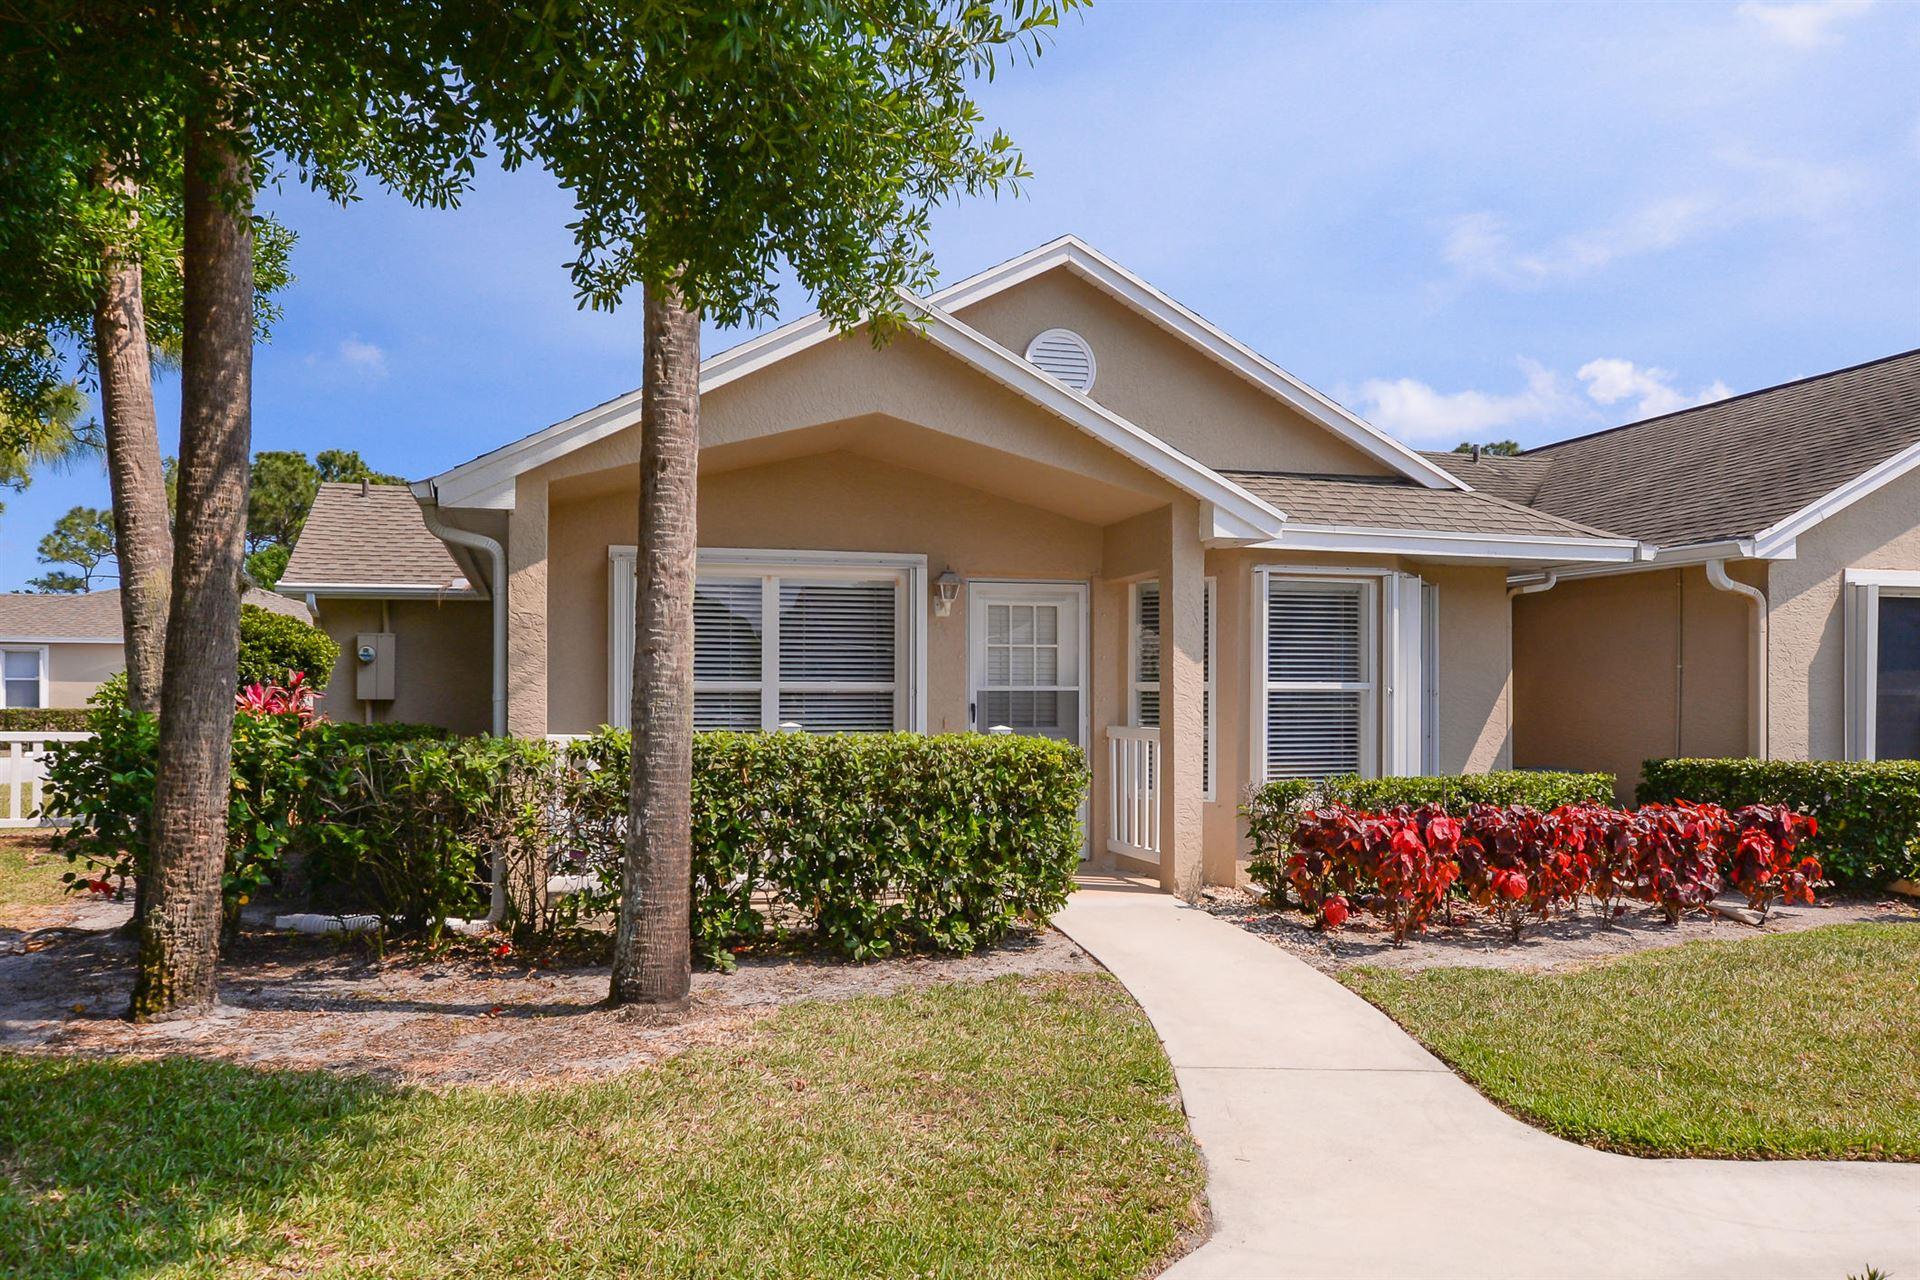 540 NW San Remo Circle, Port Saint Lucie, FL 34986 - #: RX-10704213